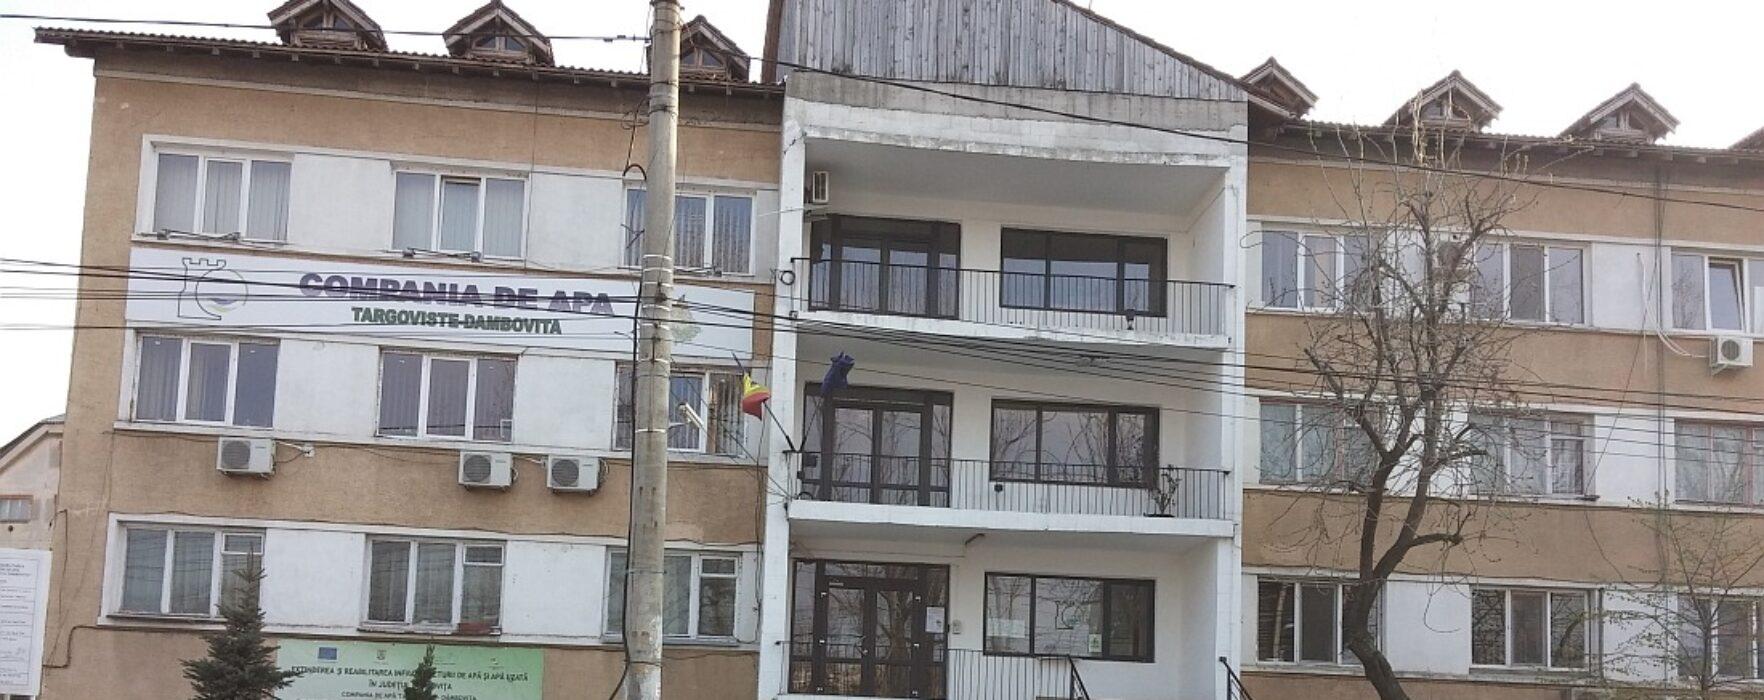 Dâmboviţa: Compania de Apă anunţă cu mare fast că a dat bani pe pregătirea pregătirii unei cereri de finanţare